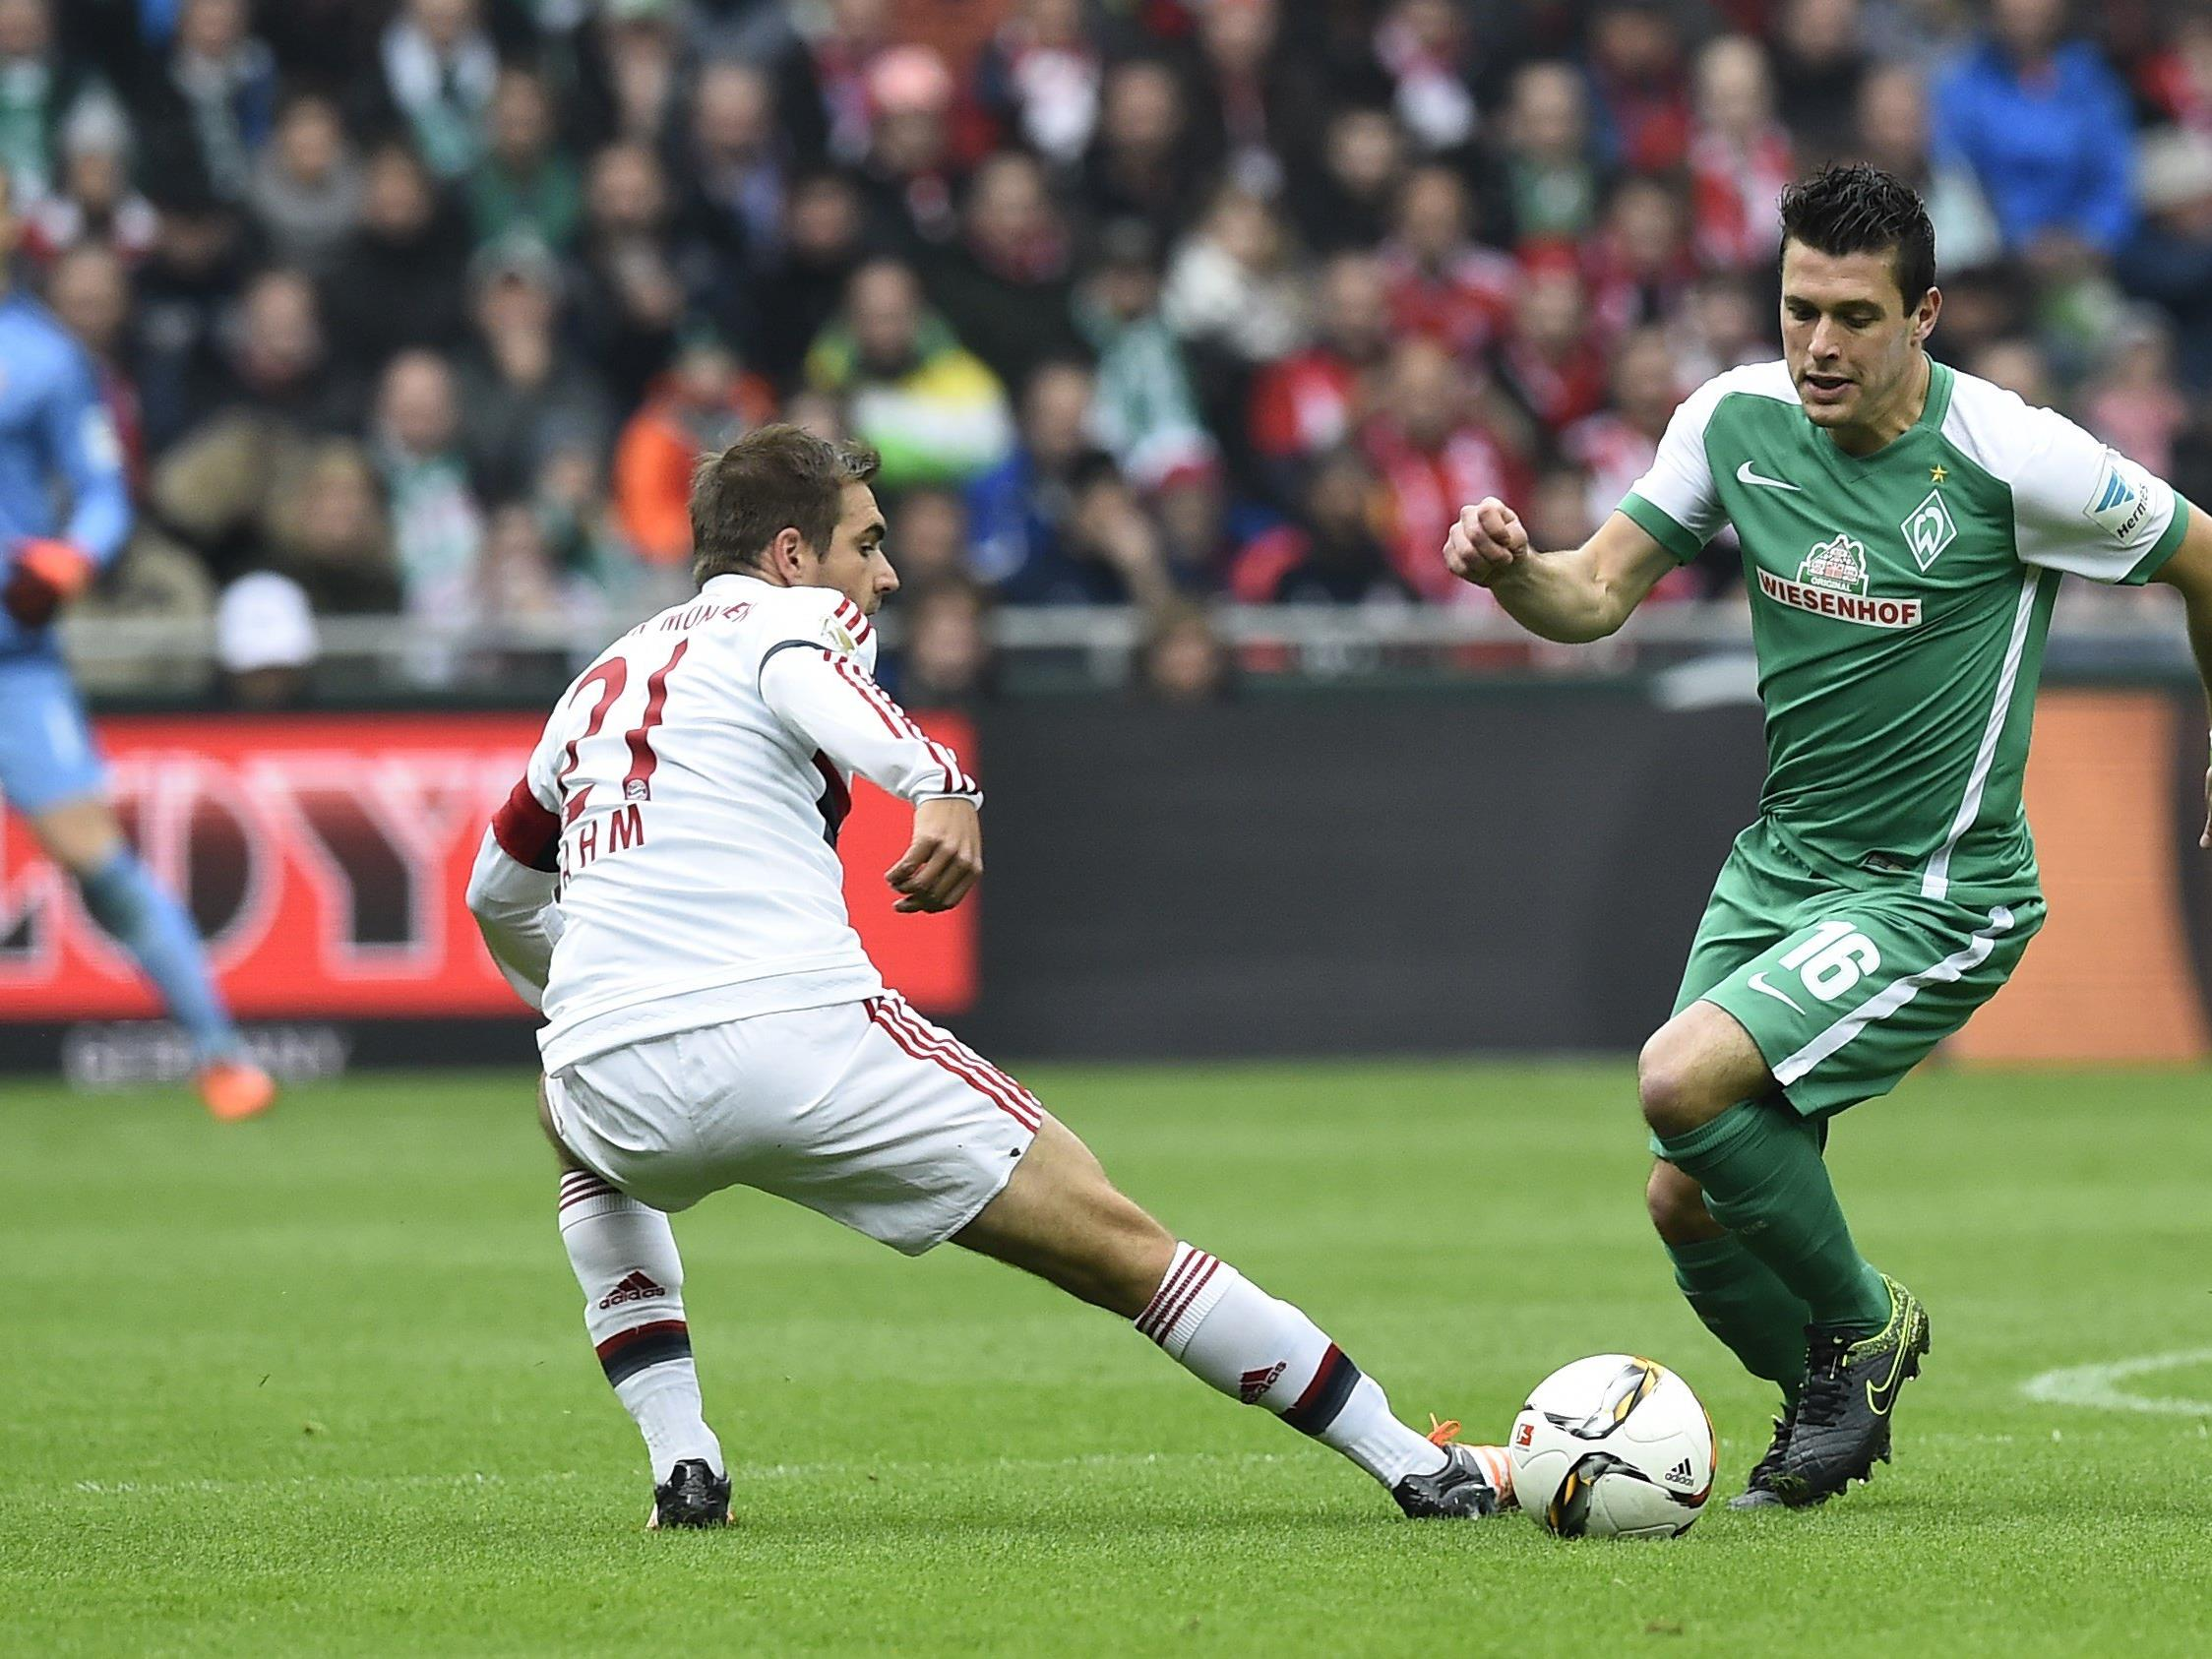 Die 20. Runde startet mit dem Gastspiel von Werder Bremen bei Mönchengladbach.